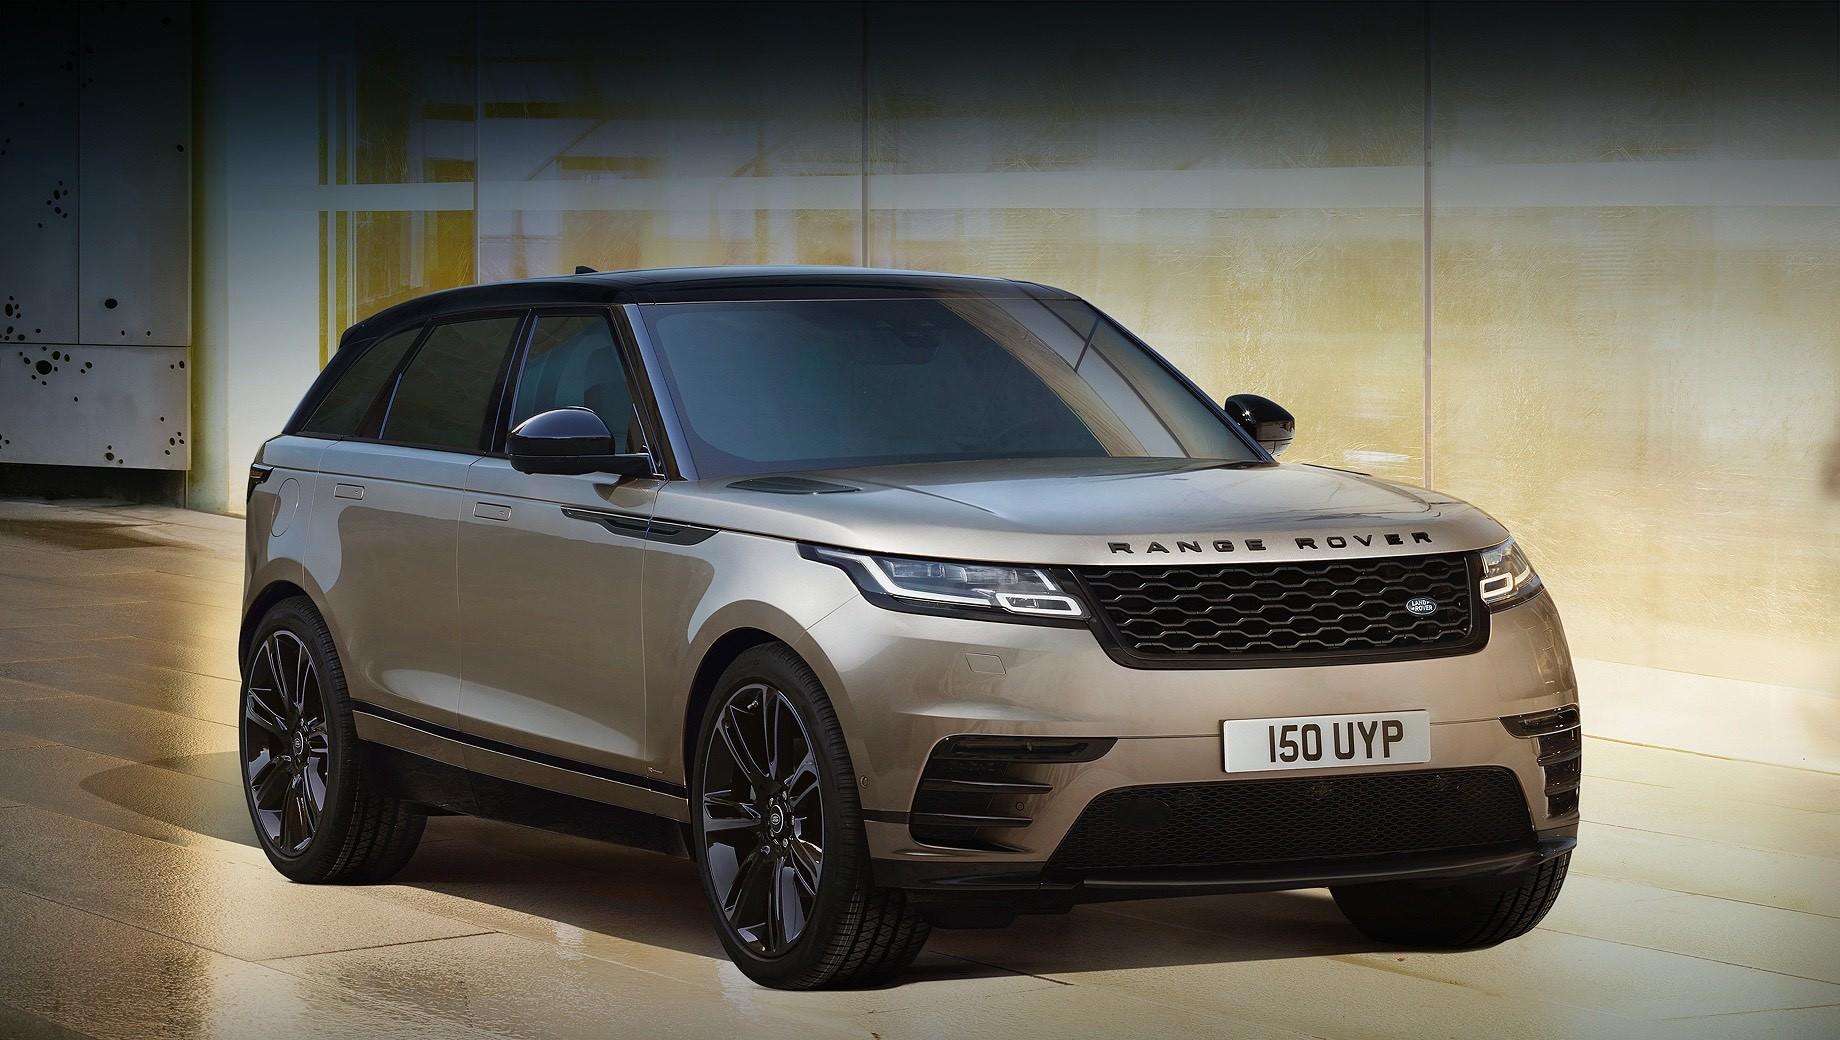 Range Rover Velar обновился почти незаметно: дизайн не изменился, а вот технические новшества довольно масштабны.